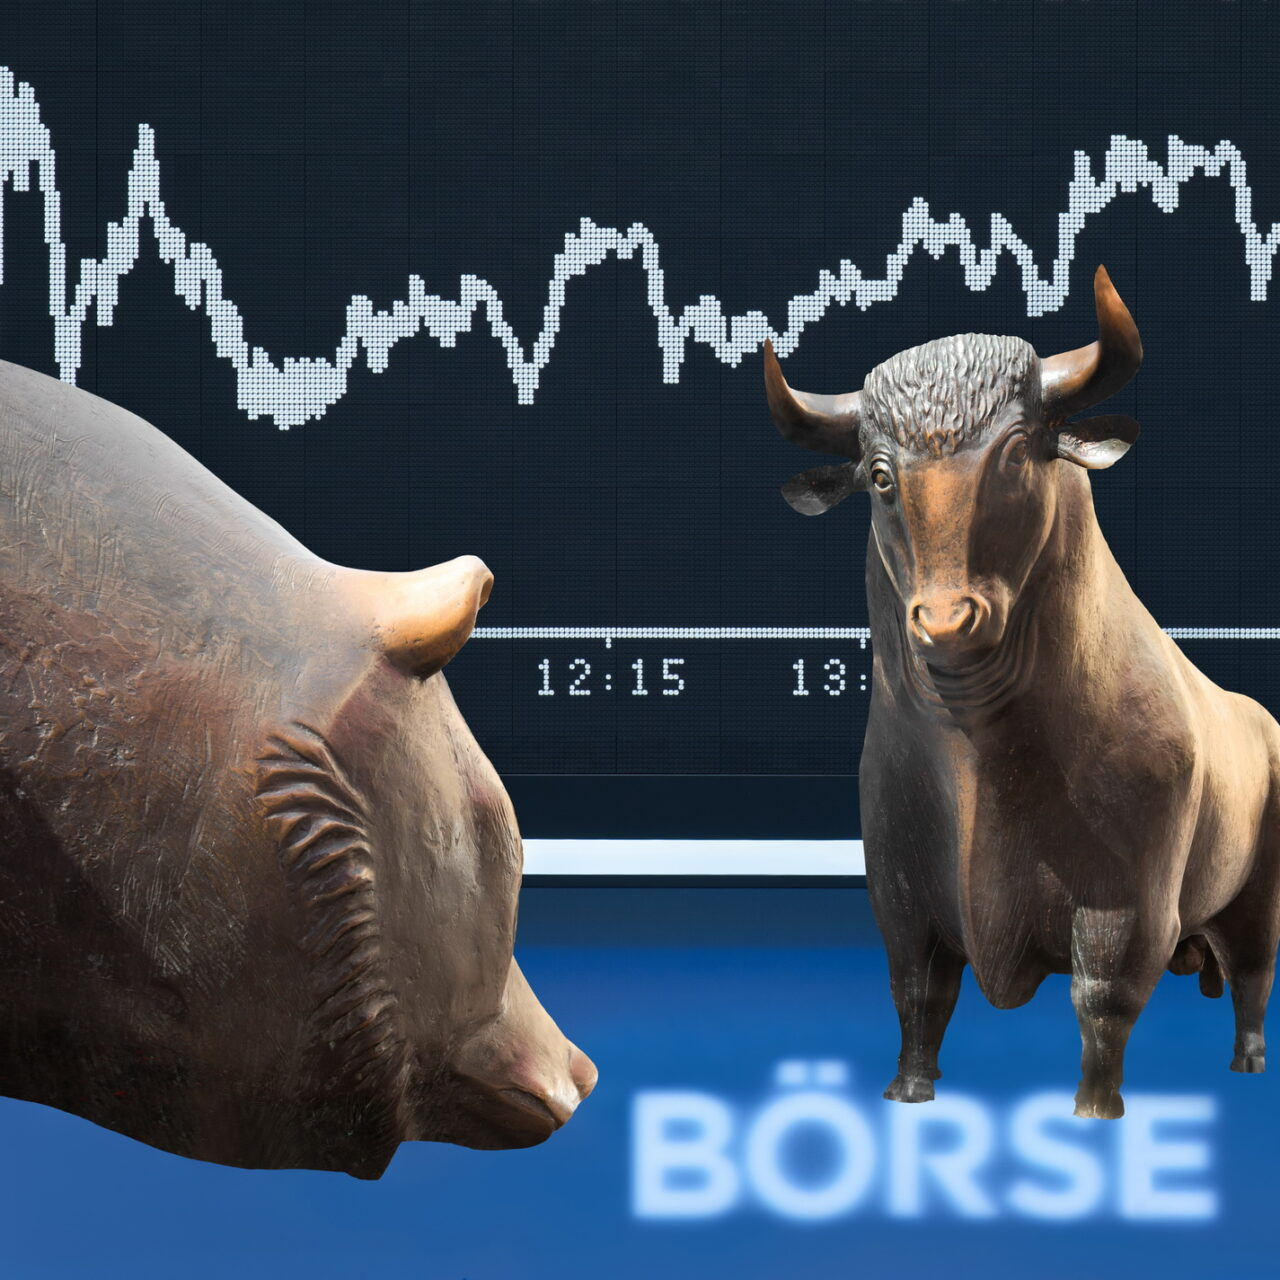 Deutschland braucht bessere Rahmenbedingungen für Börsengänge von Growth-Aktien